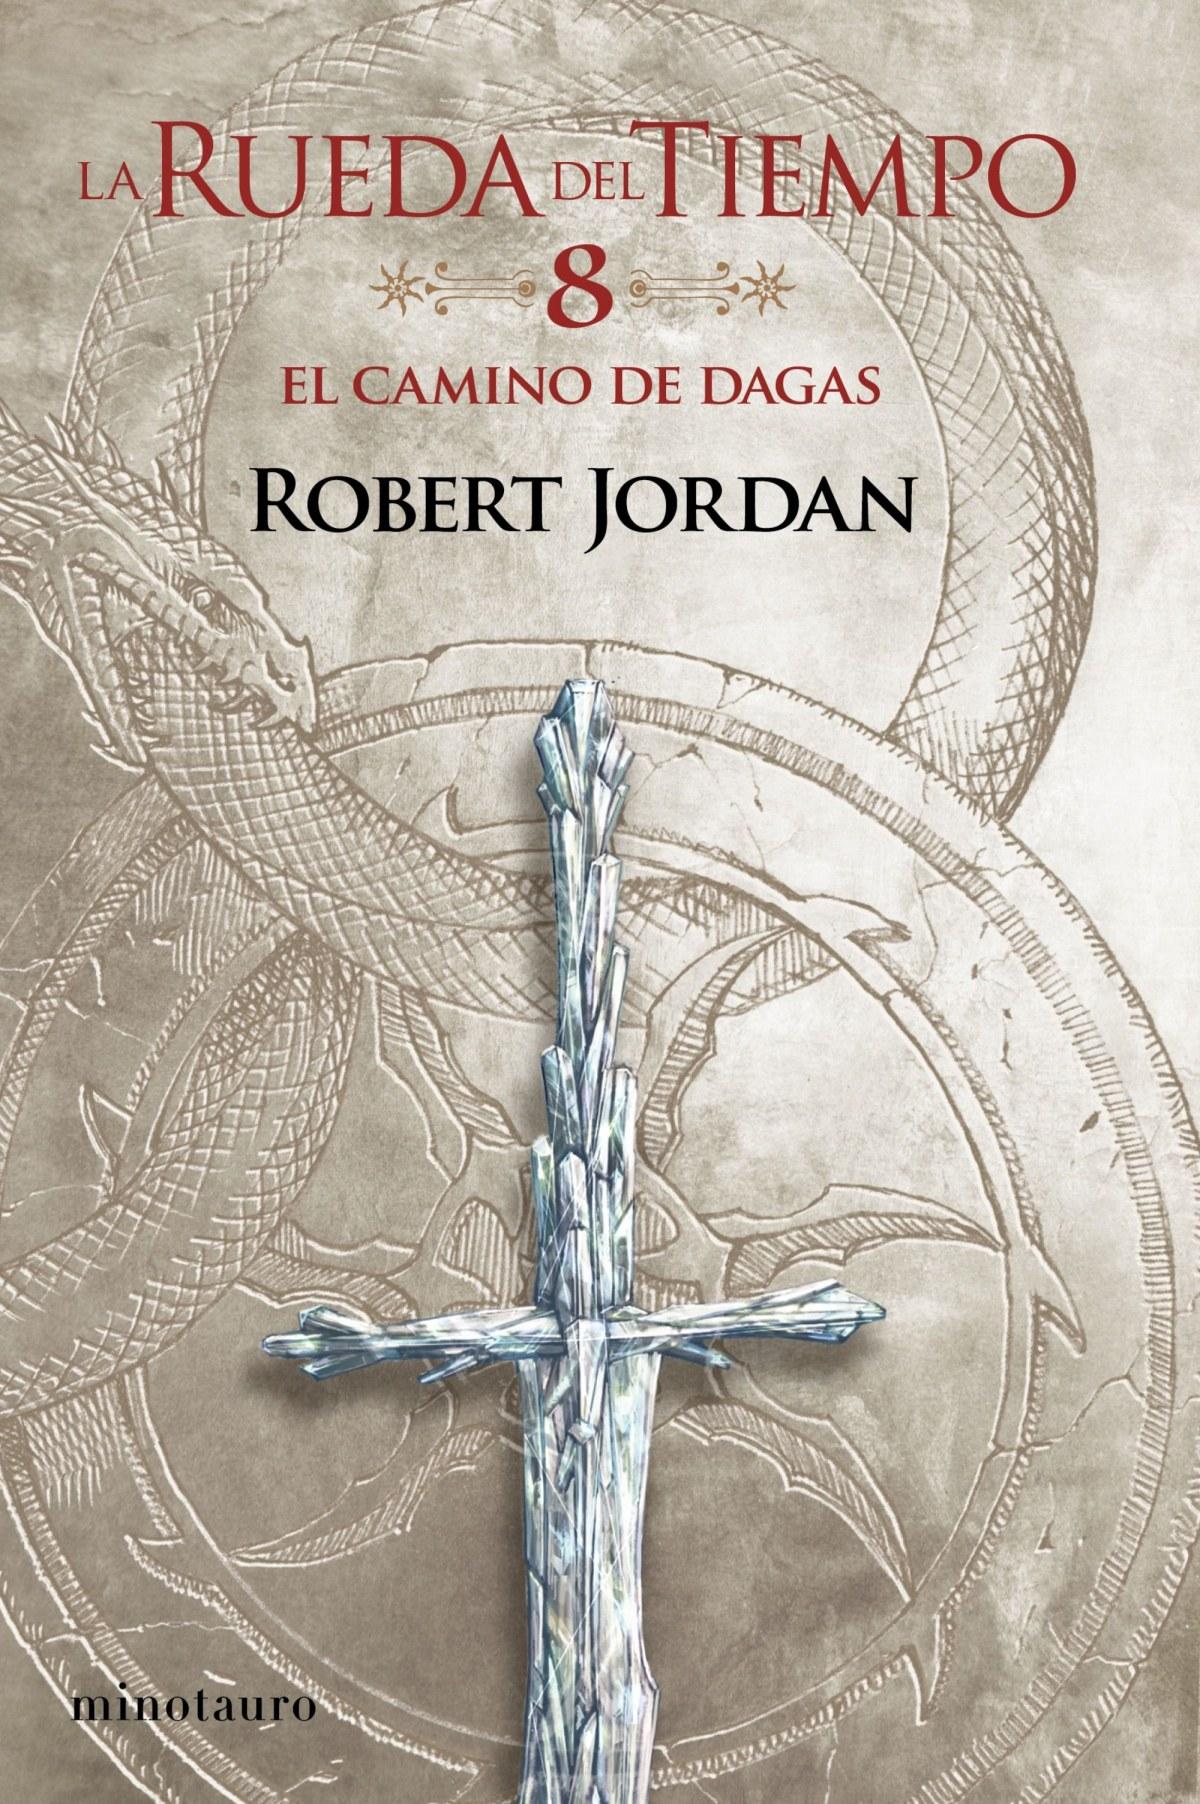 La Rueda del Tiempo nº 08/14 El Camino de Dagas